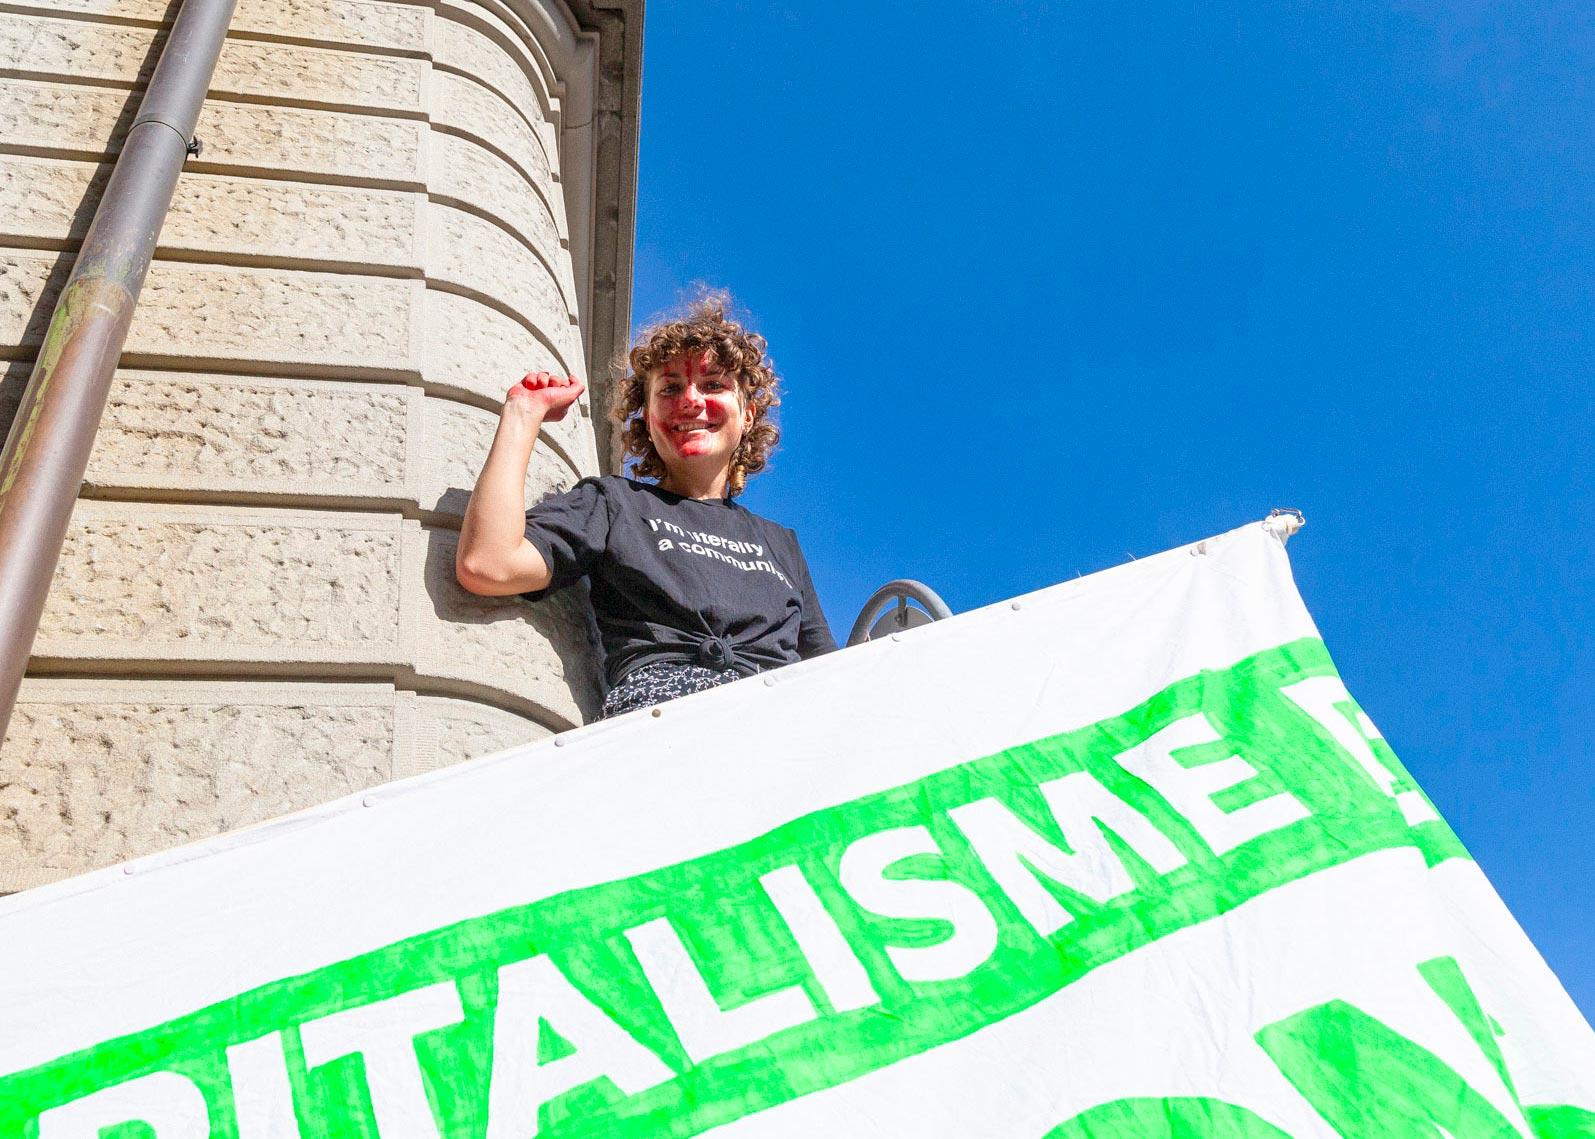 Franziska Meinherz lors de la manifestation pour le climat, Berne, septembre 2019